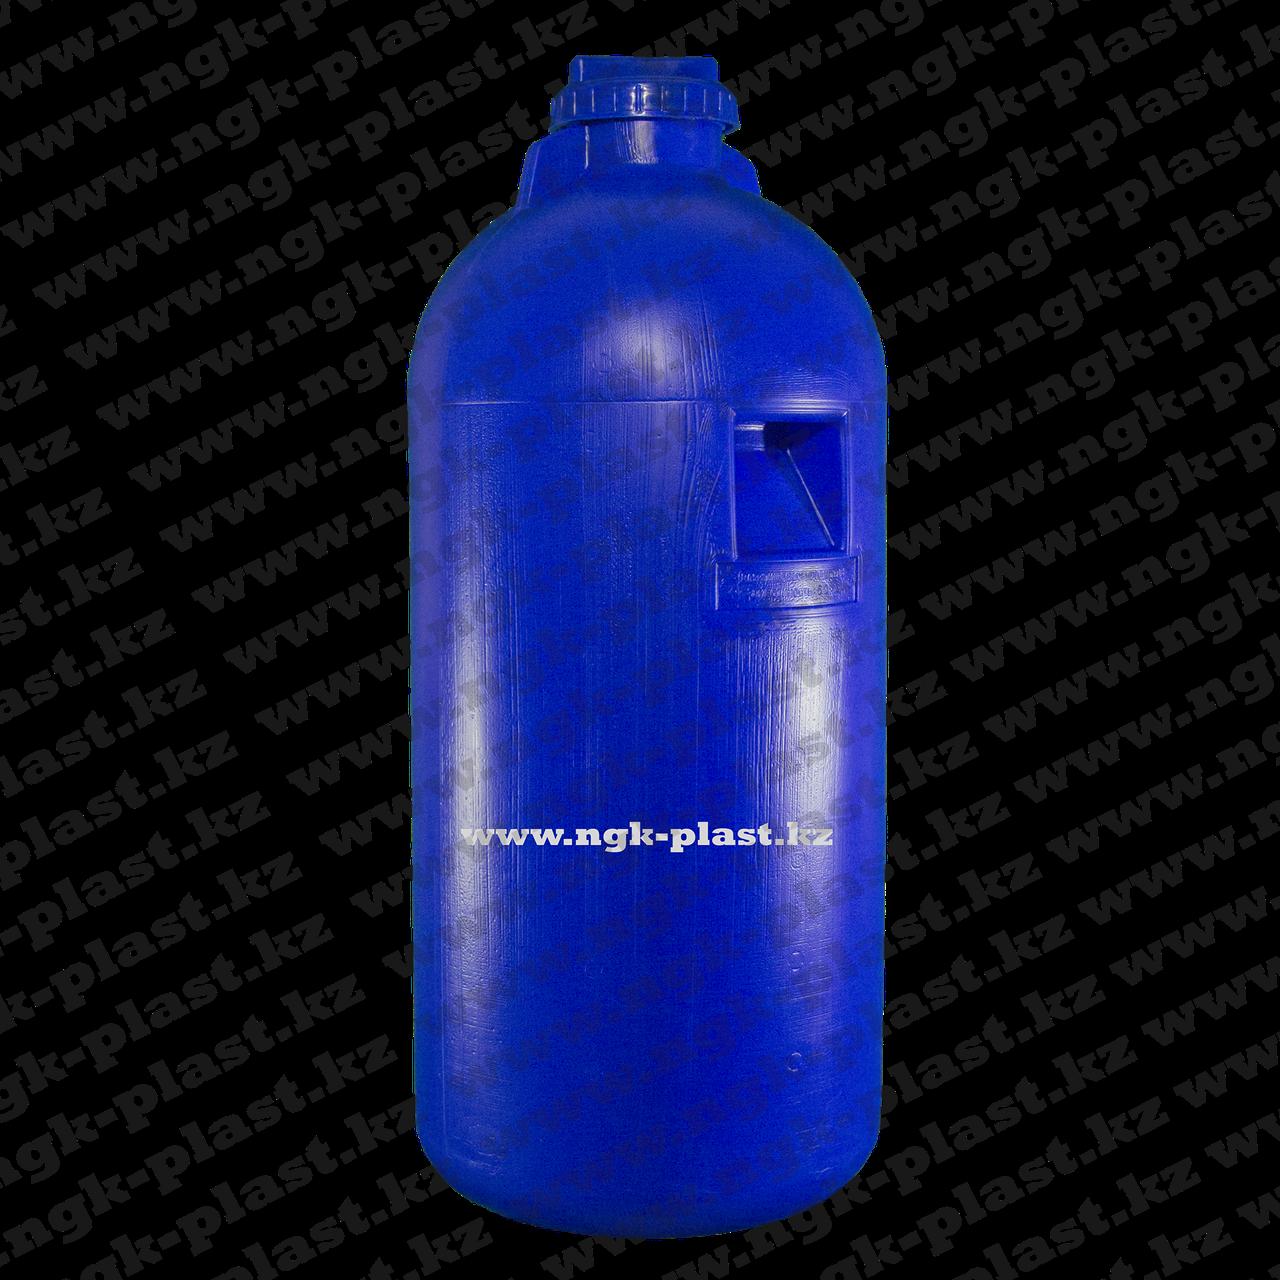 60л литровый бочок (узкая горловина)